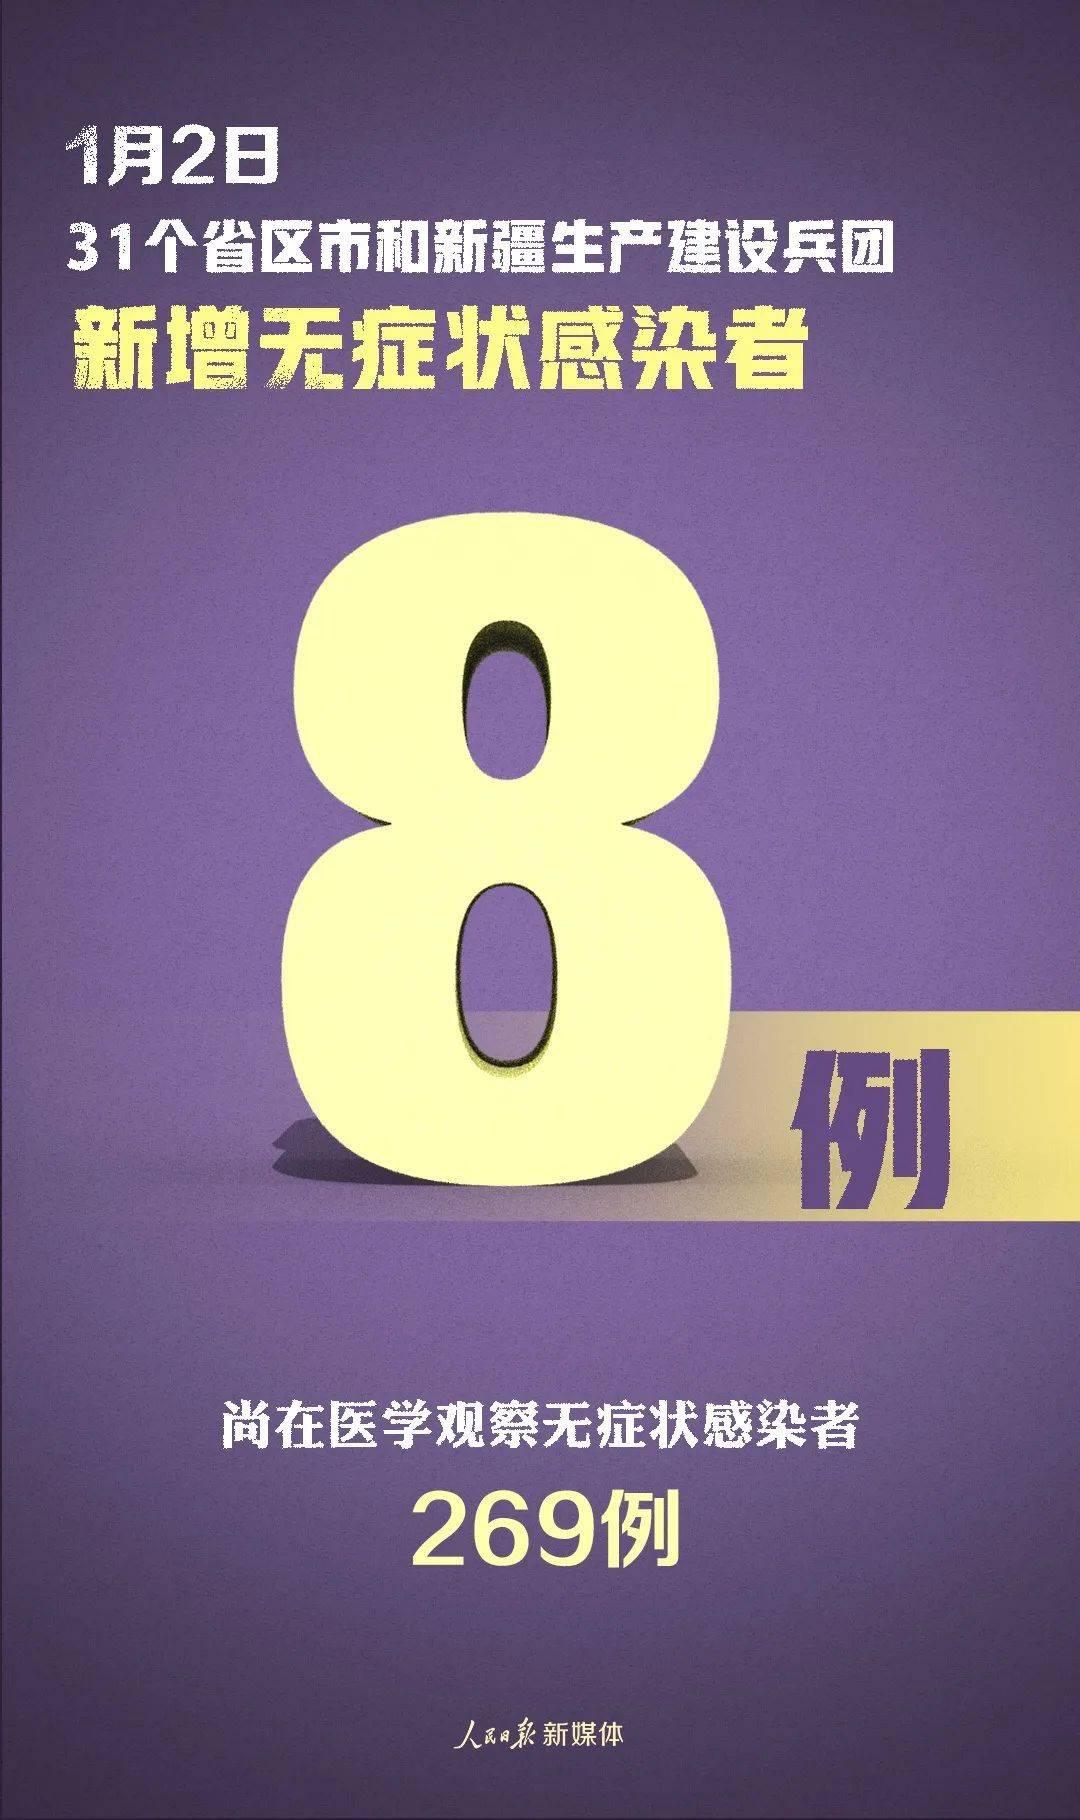 最新!黑龙江+4,辽宁+2,北京+1,河北+1,详情→